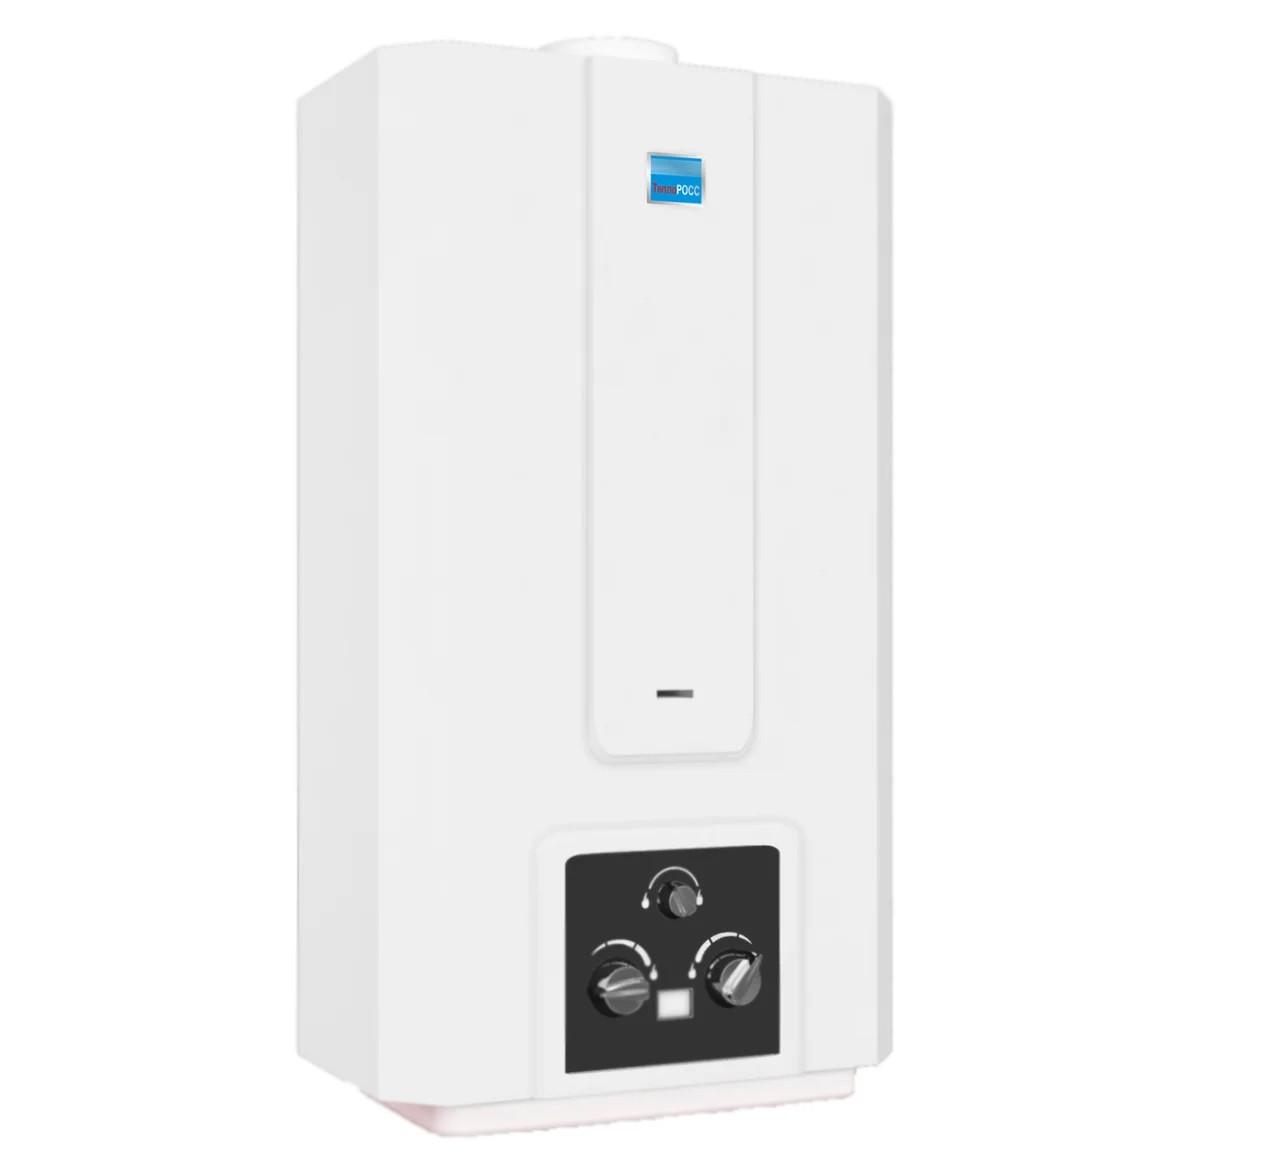 Газовый проточный водонагреватель ТеплоРОСС АПВГ 24M (12 л/мин)